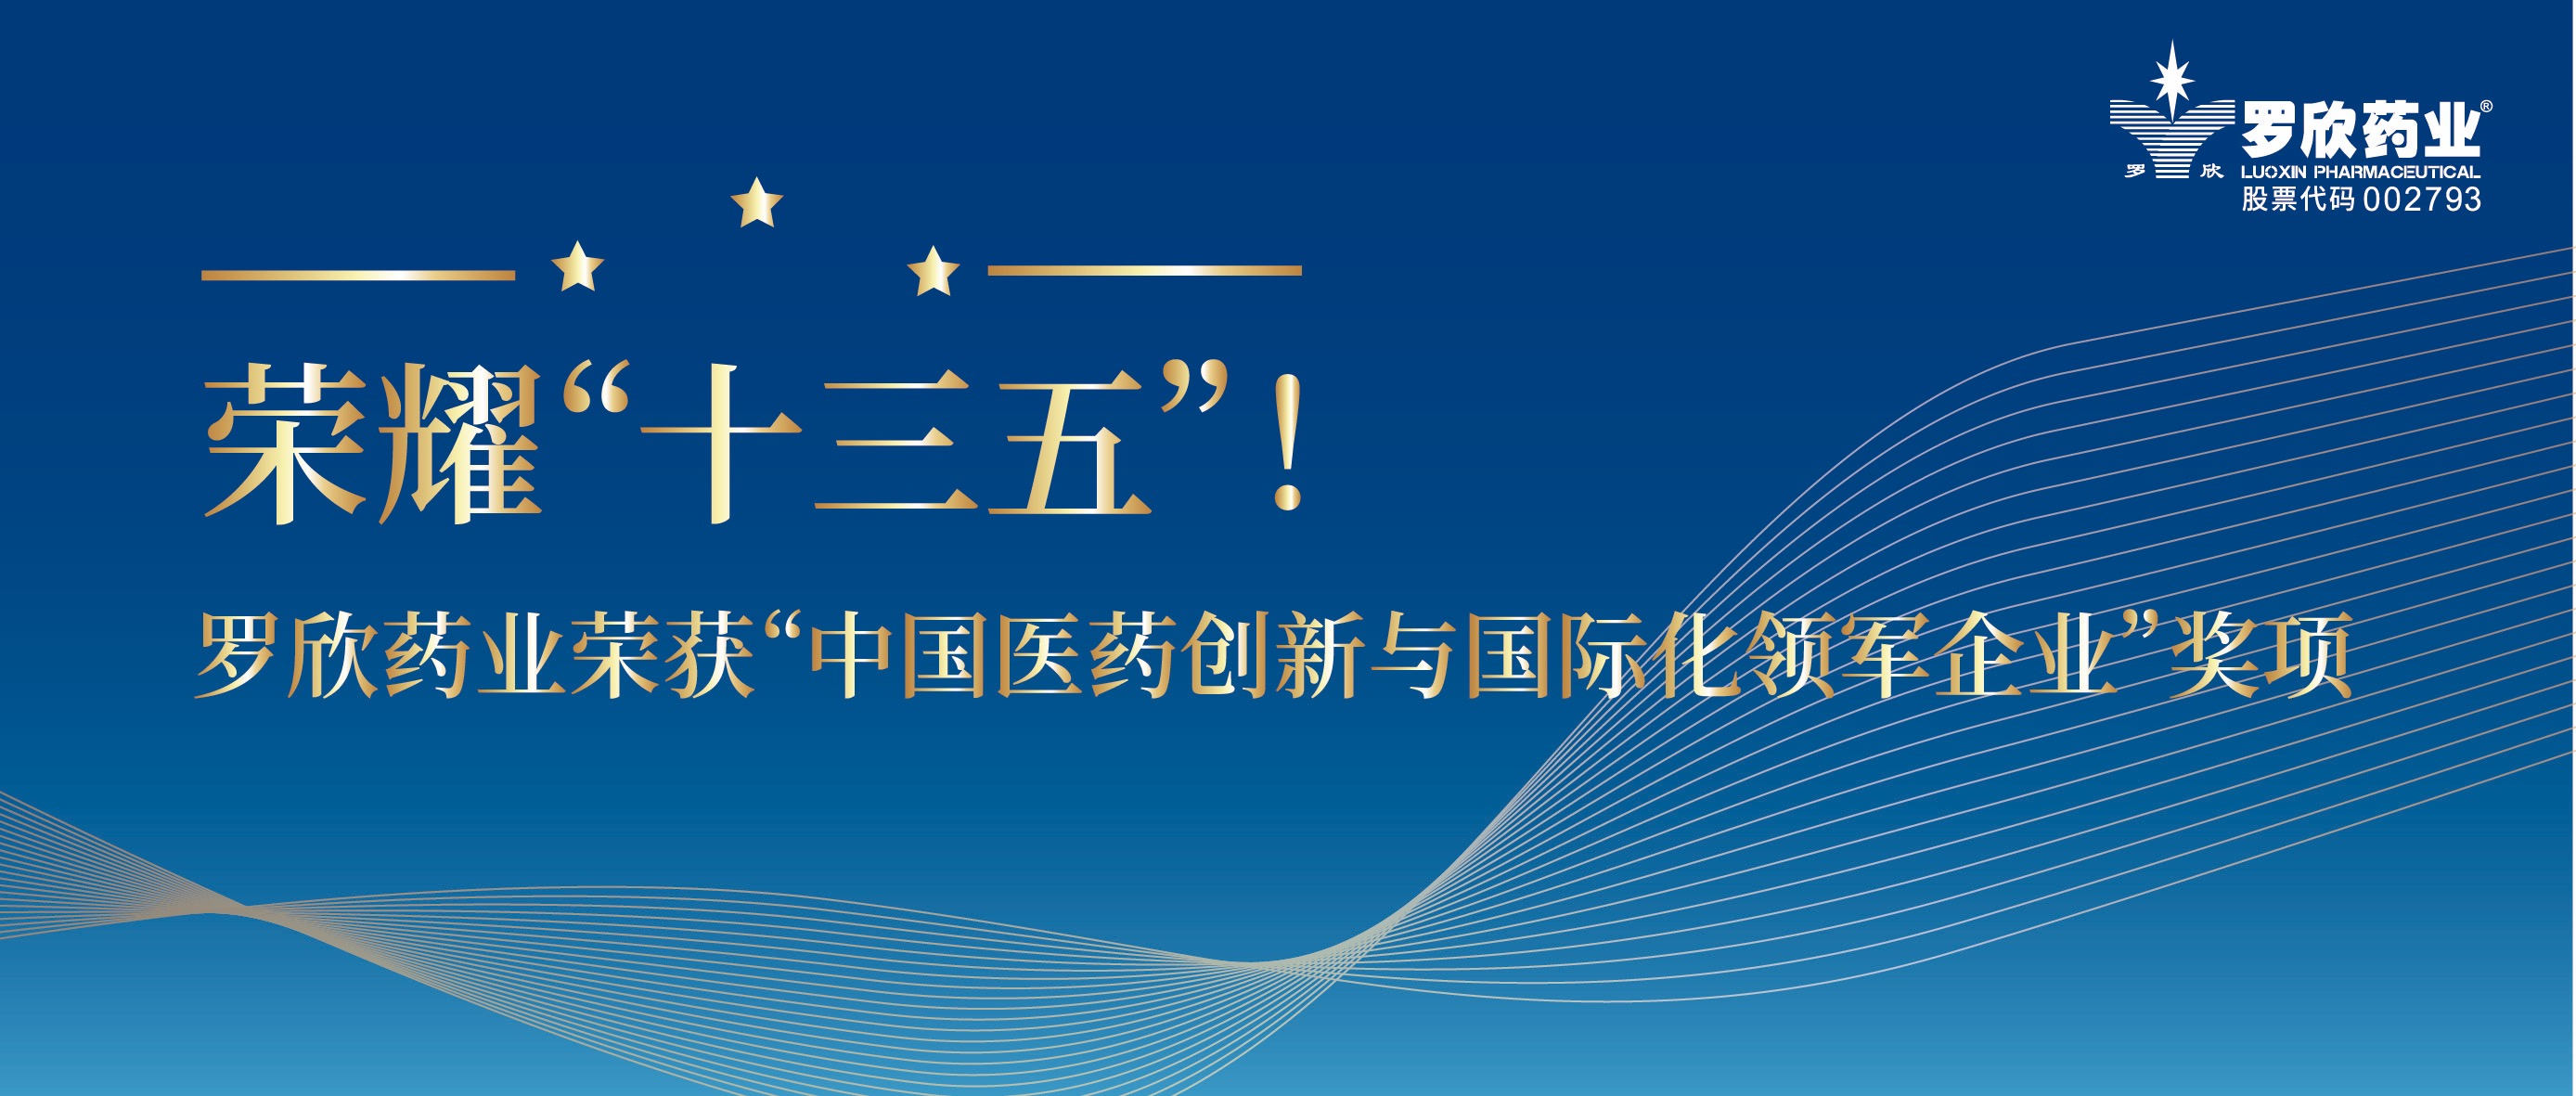 荣耀十三五头图.jpg